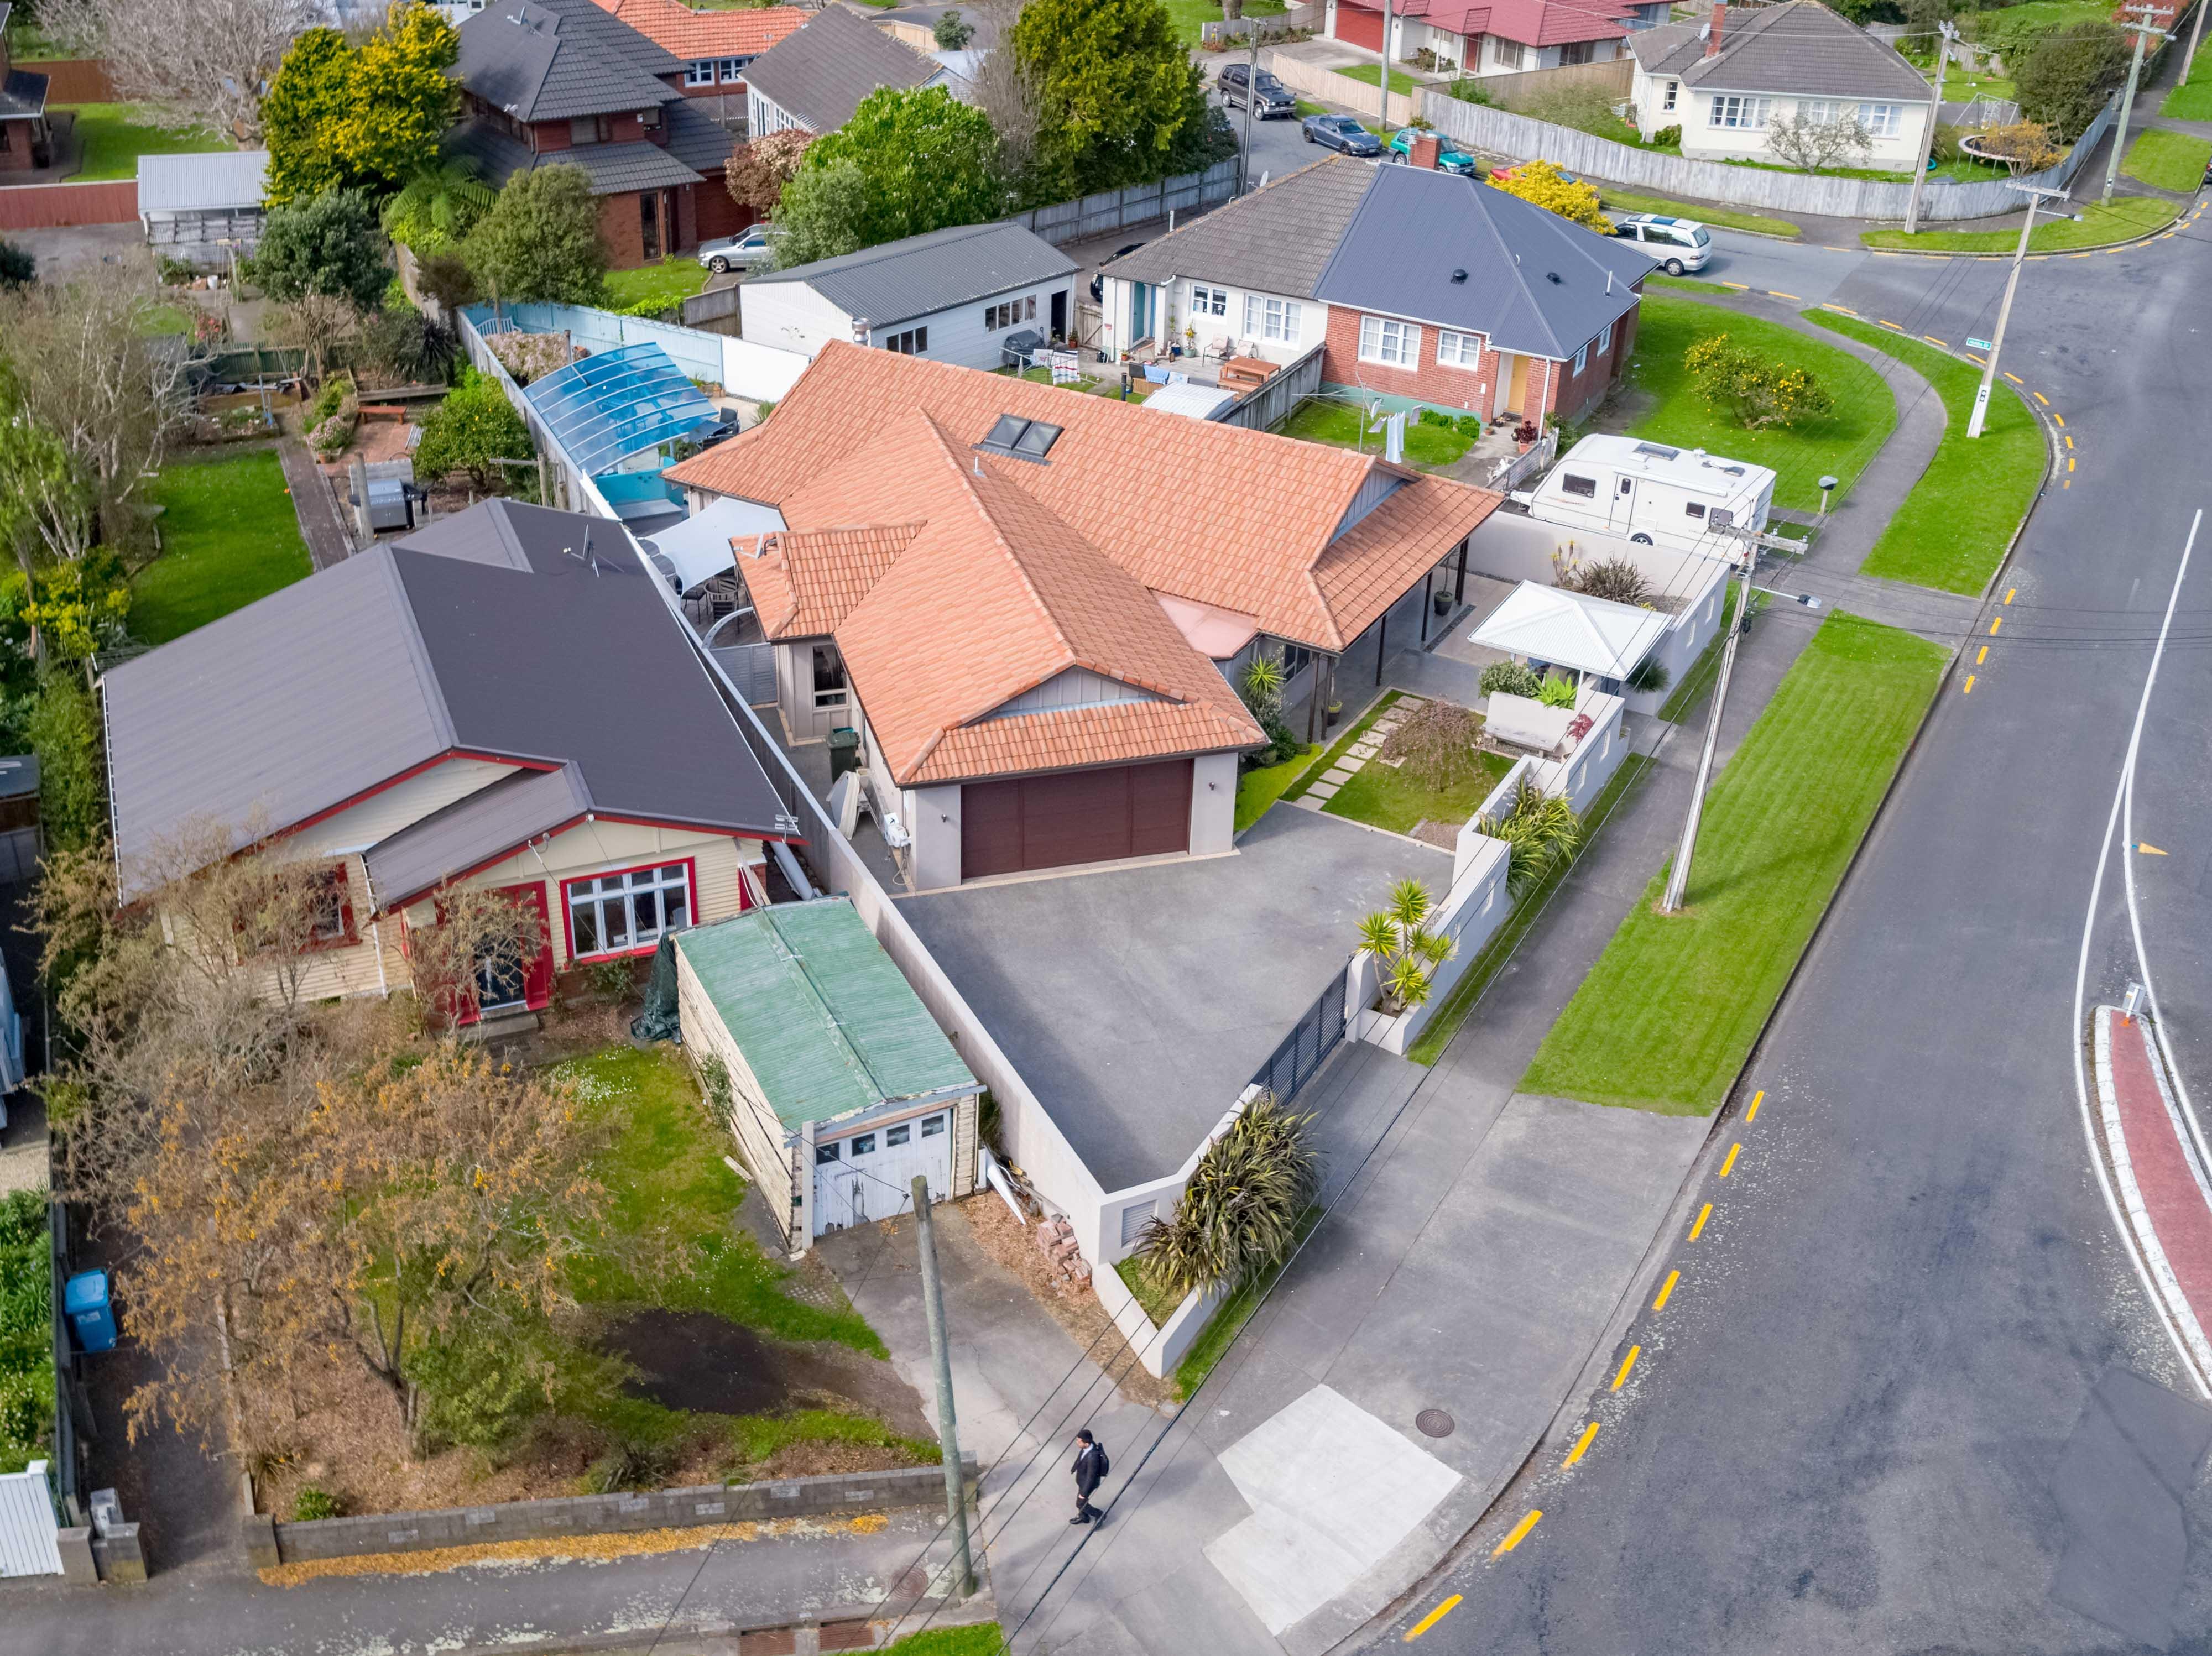 1 Brees Street, Lower Hutt Aerial 0280 Boundary 2